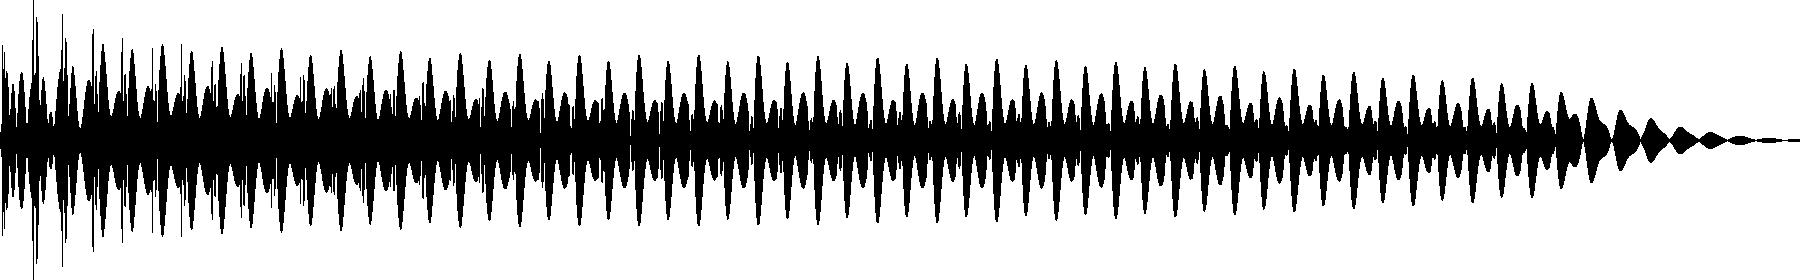 vedh bass cut 074 f